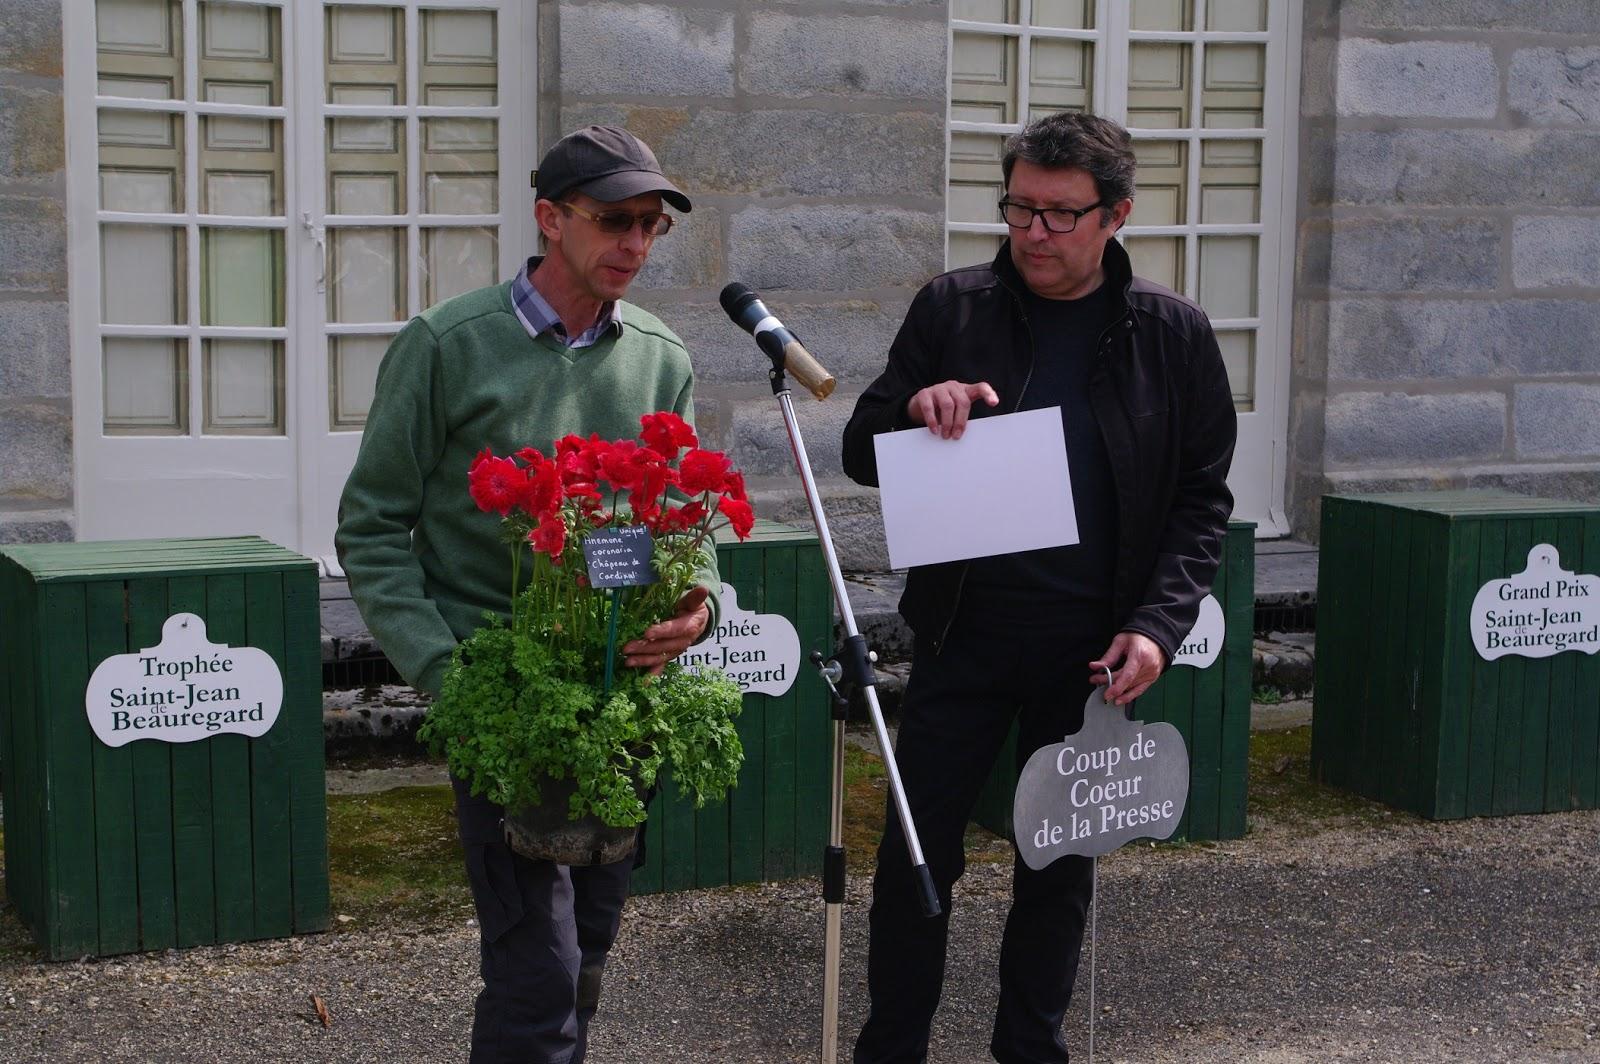 La blogazette des ulis et du hurepoix la fete des for 815 plante st jean